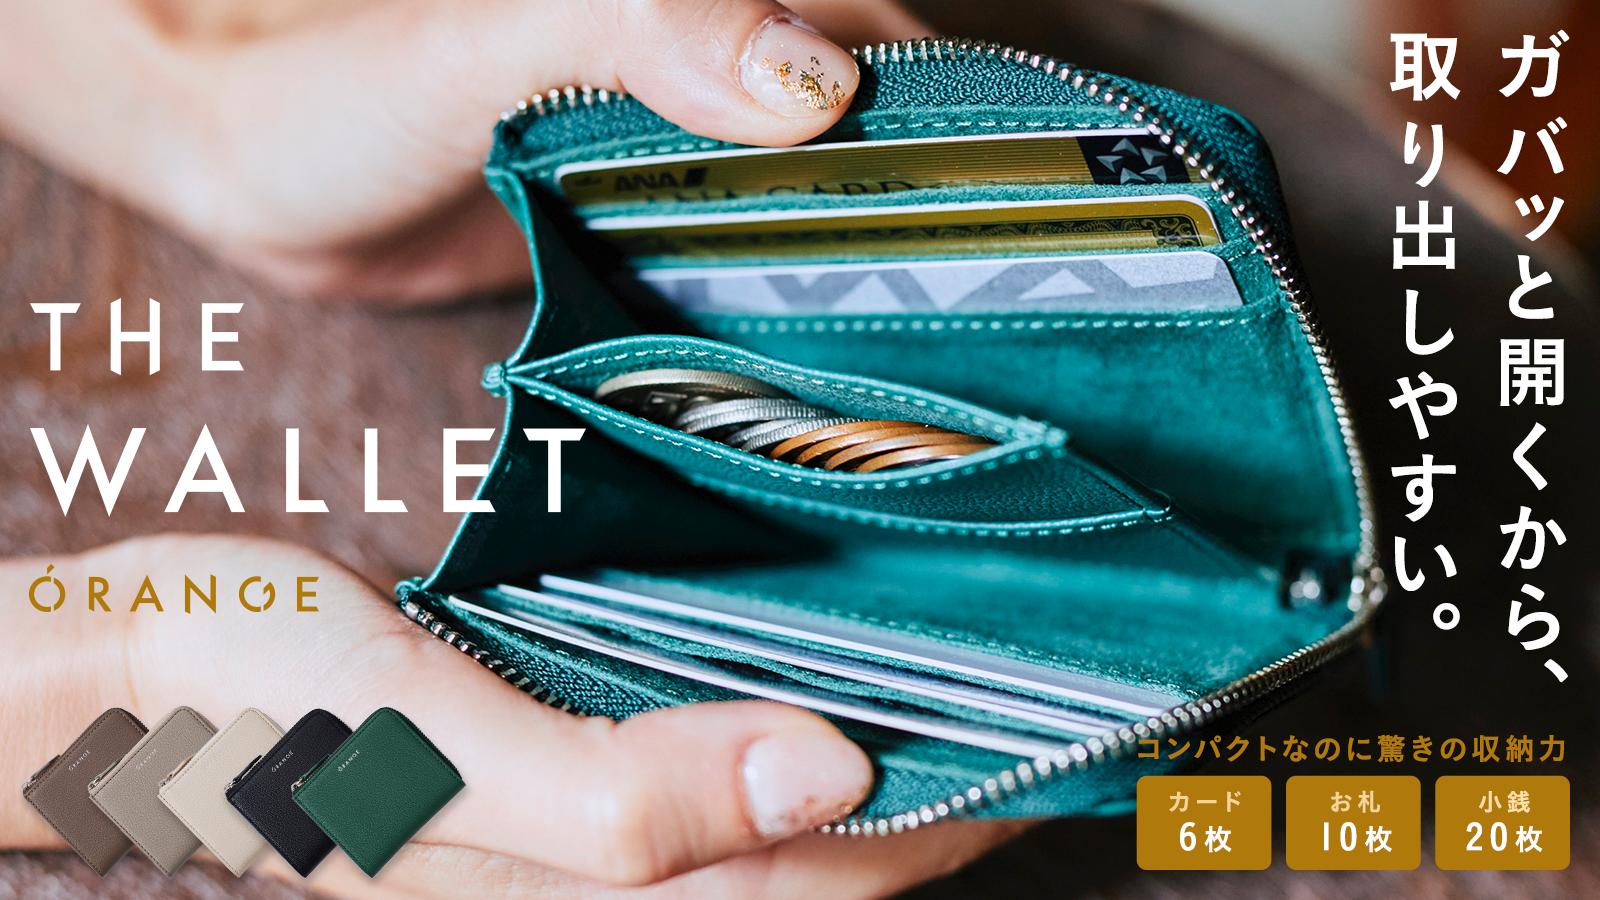 ガバッと開いて取り出しやすいコンパクト財布『THE WALLET』先行予約販売をスタートしました